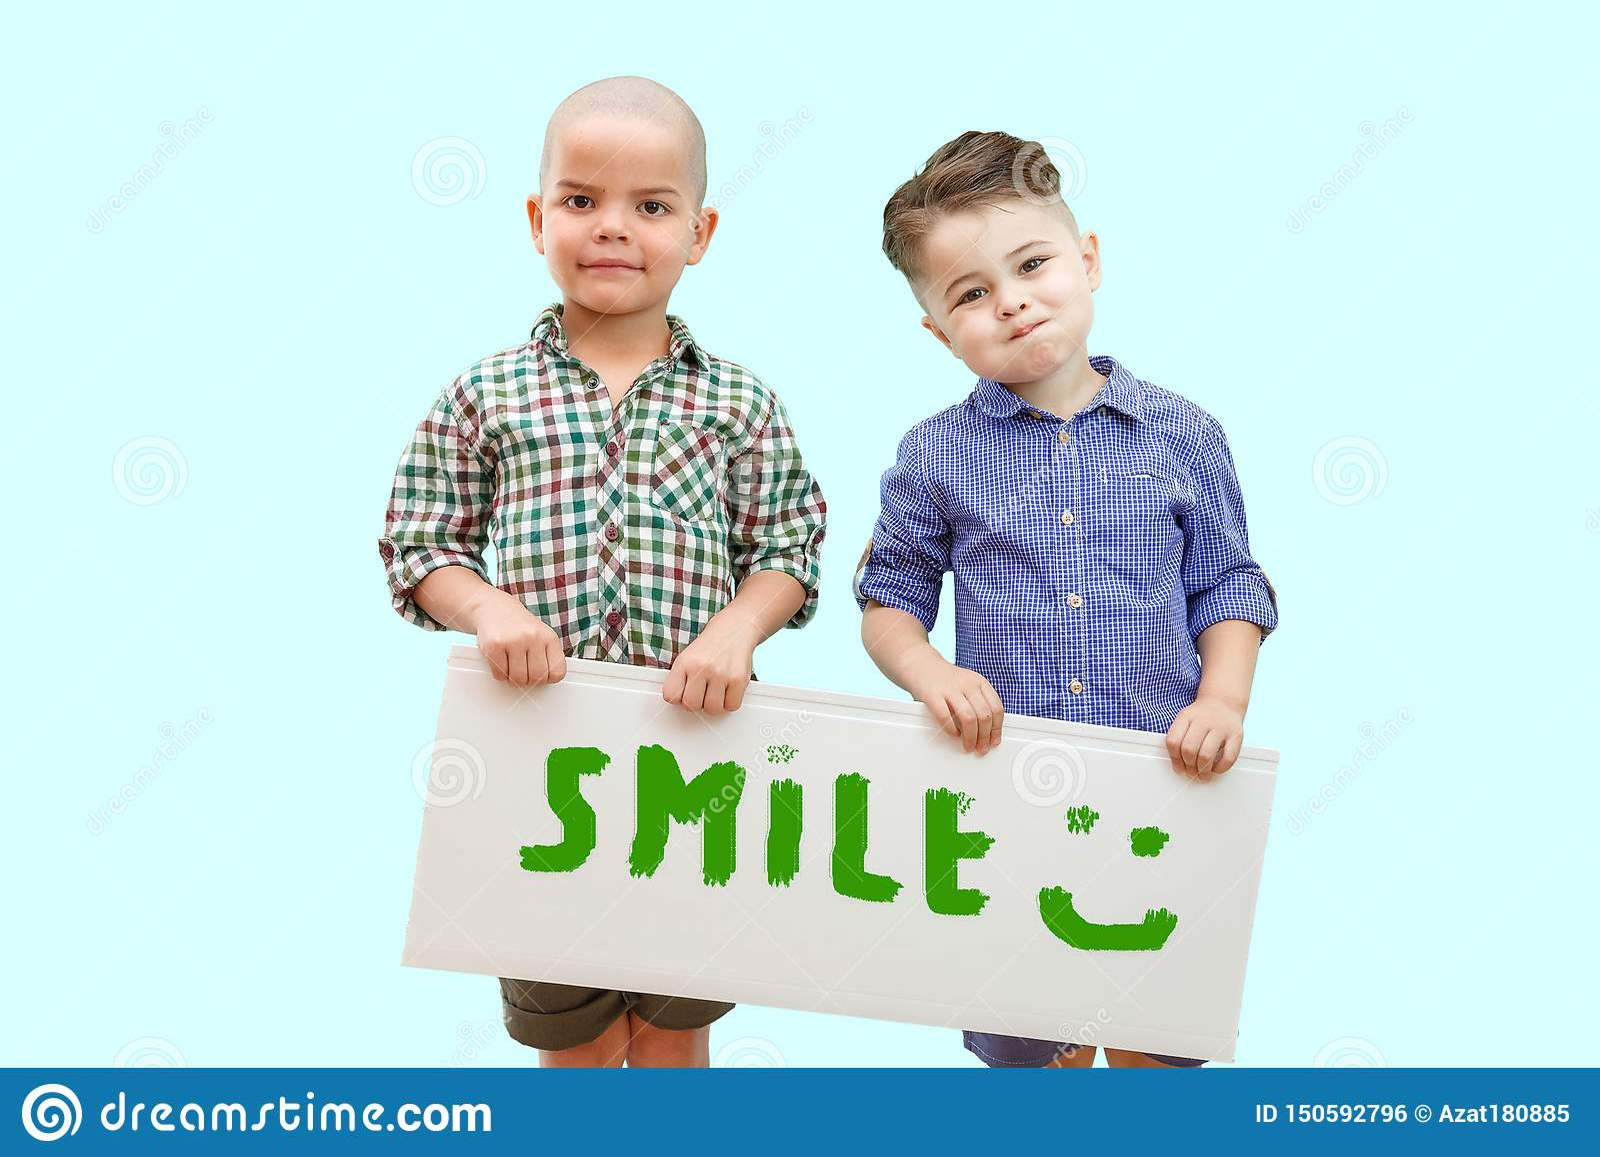 Zwei Jungen, die ein Zeichen halten, das Lächeln sagt